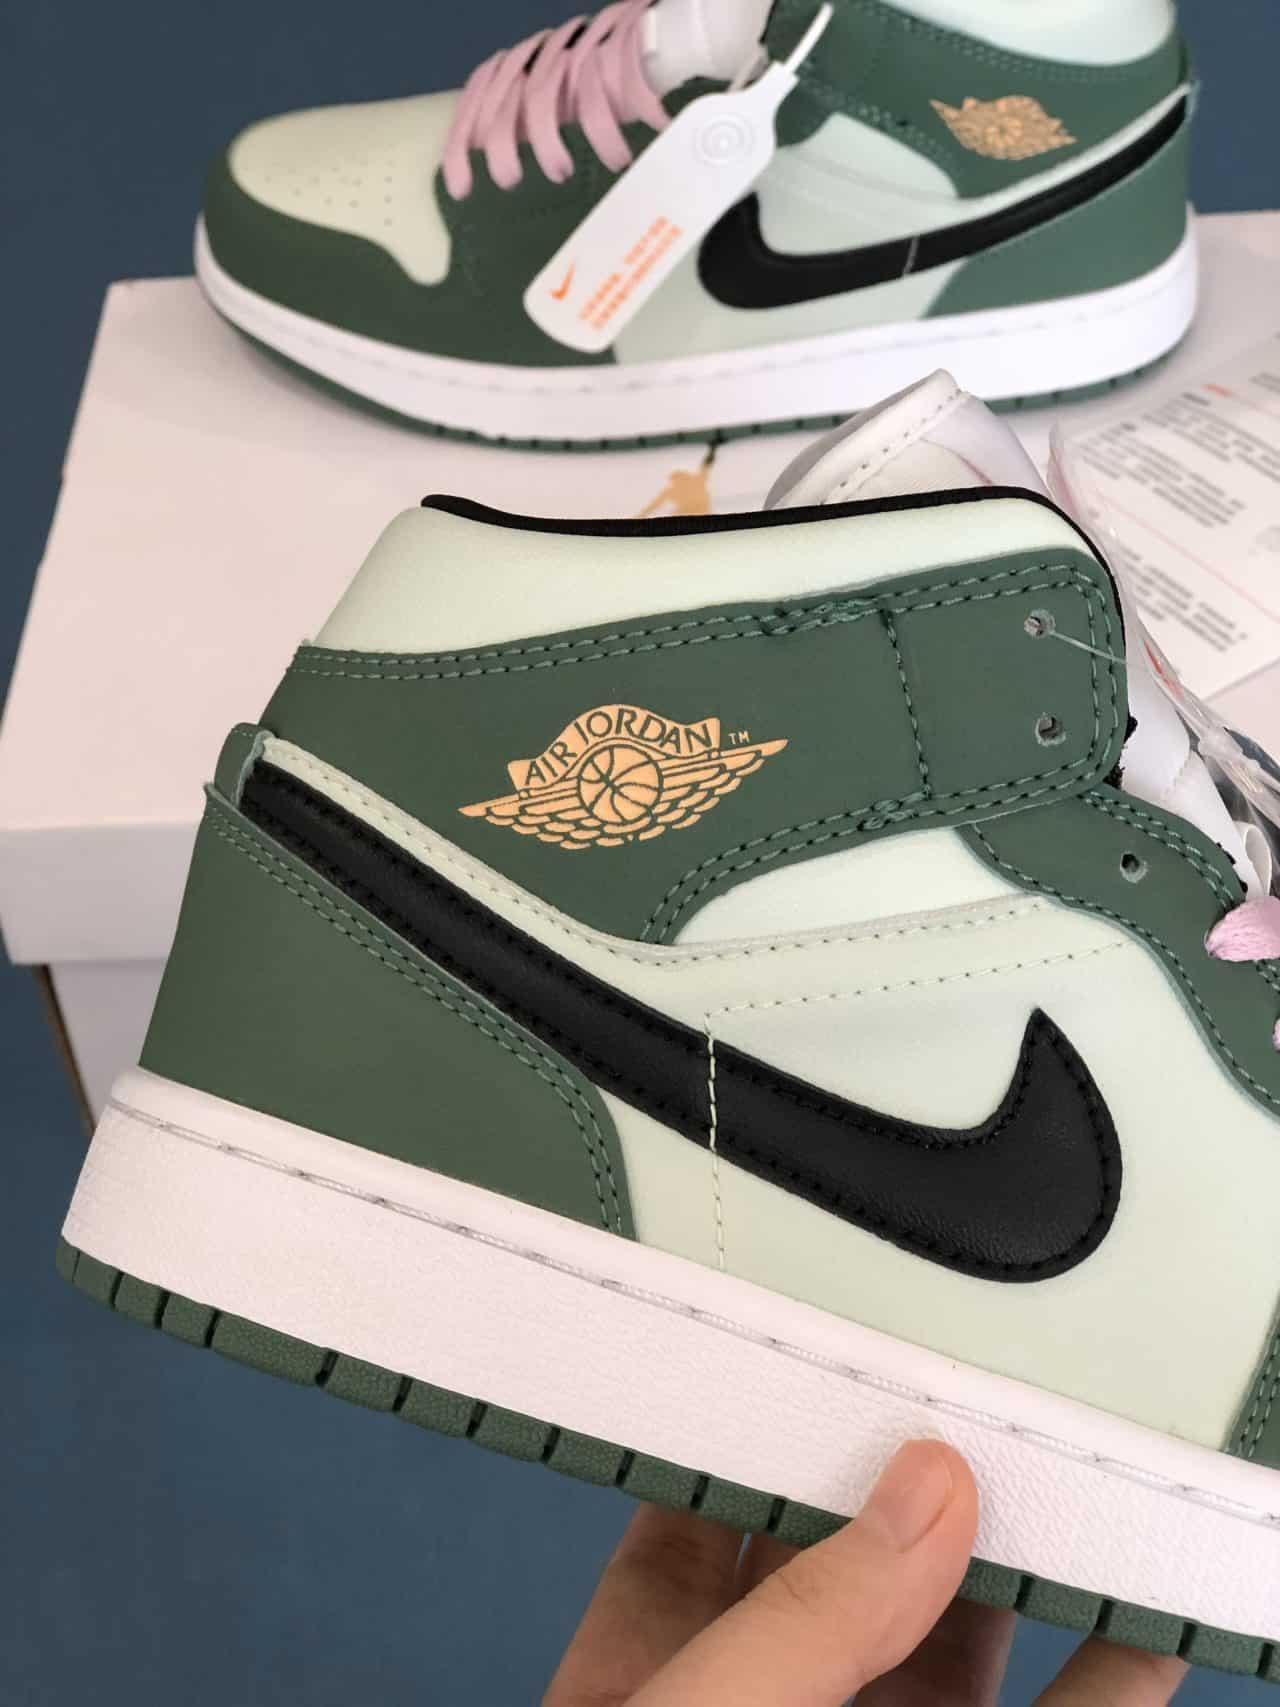 Giày Nike Air Force 1 Green rep 1:1 có lớp đế 2 cm và rãnh vân tạo độ ma sát cực tốt